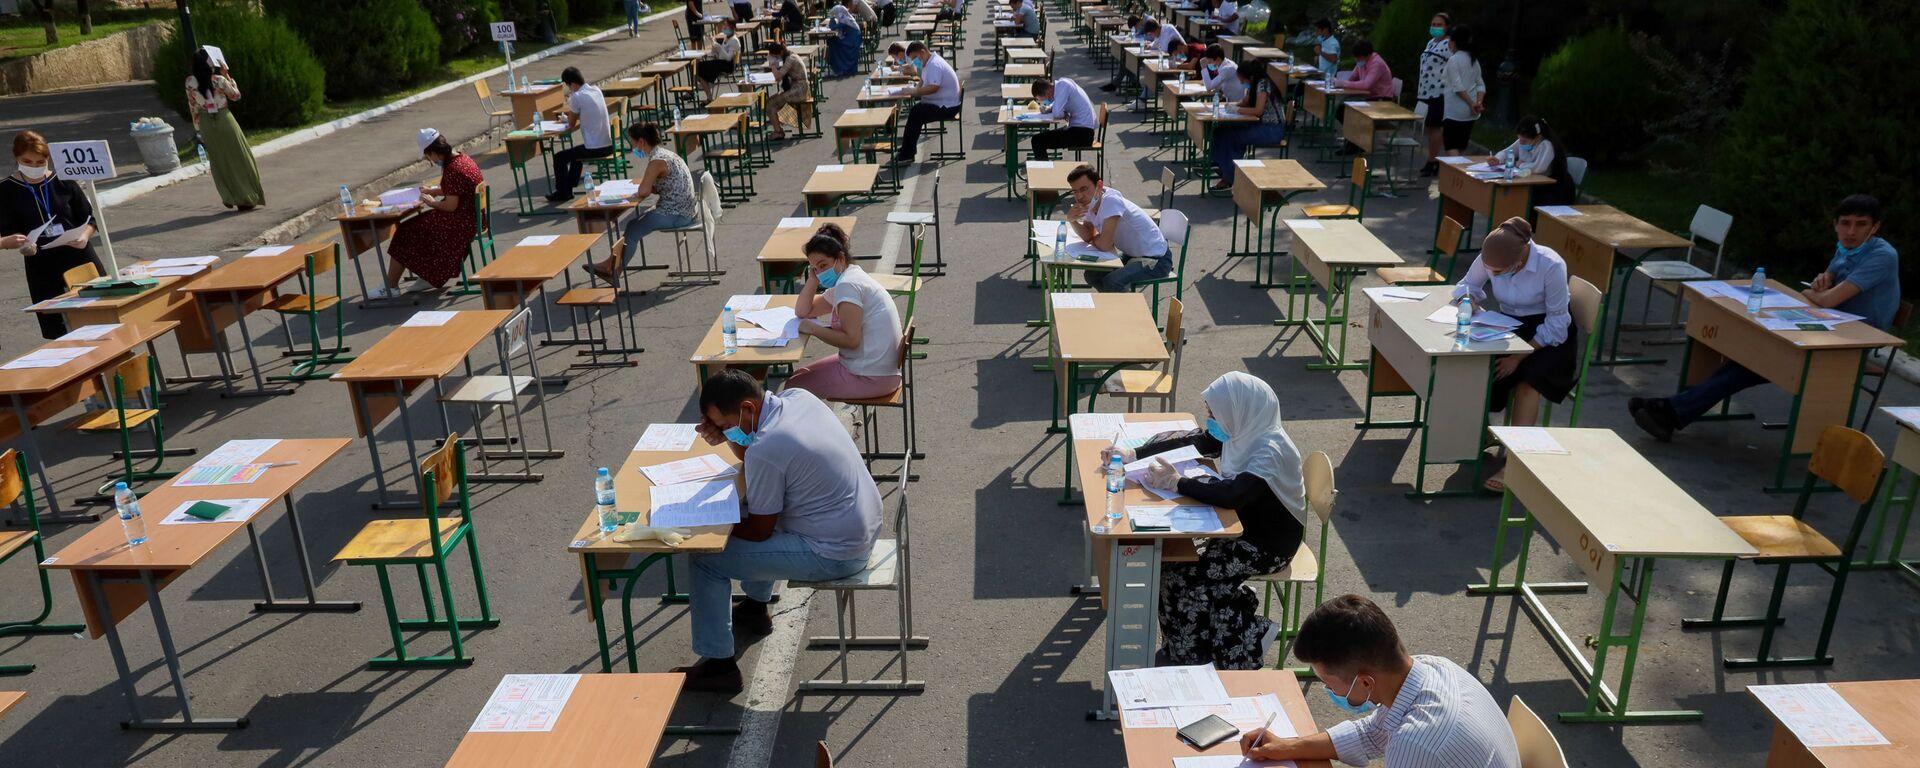 Узбекские студенты сдают вступительные экзамены под открытым небом в Ташкенте - Sputnik Узбекистан, 1920, 01.06.2021